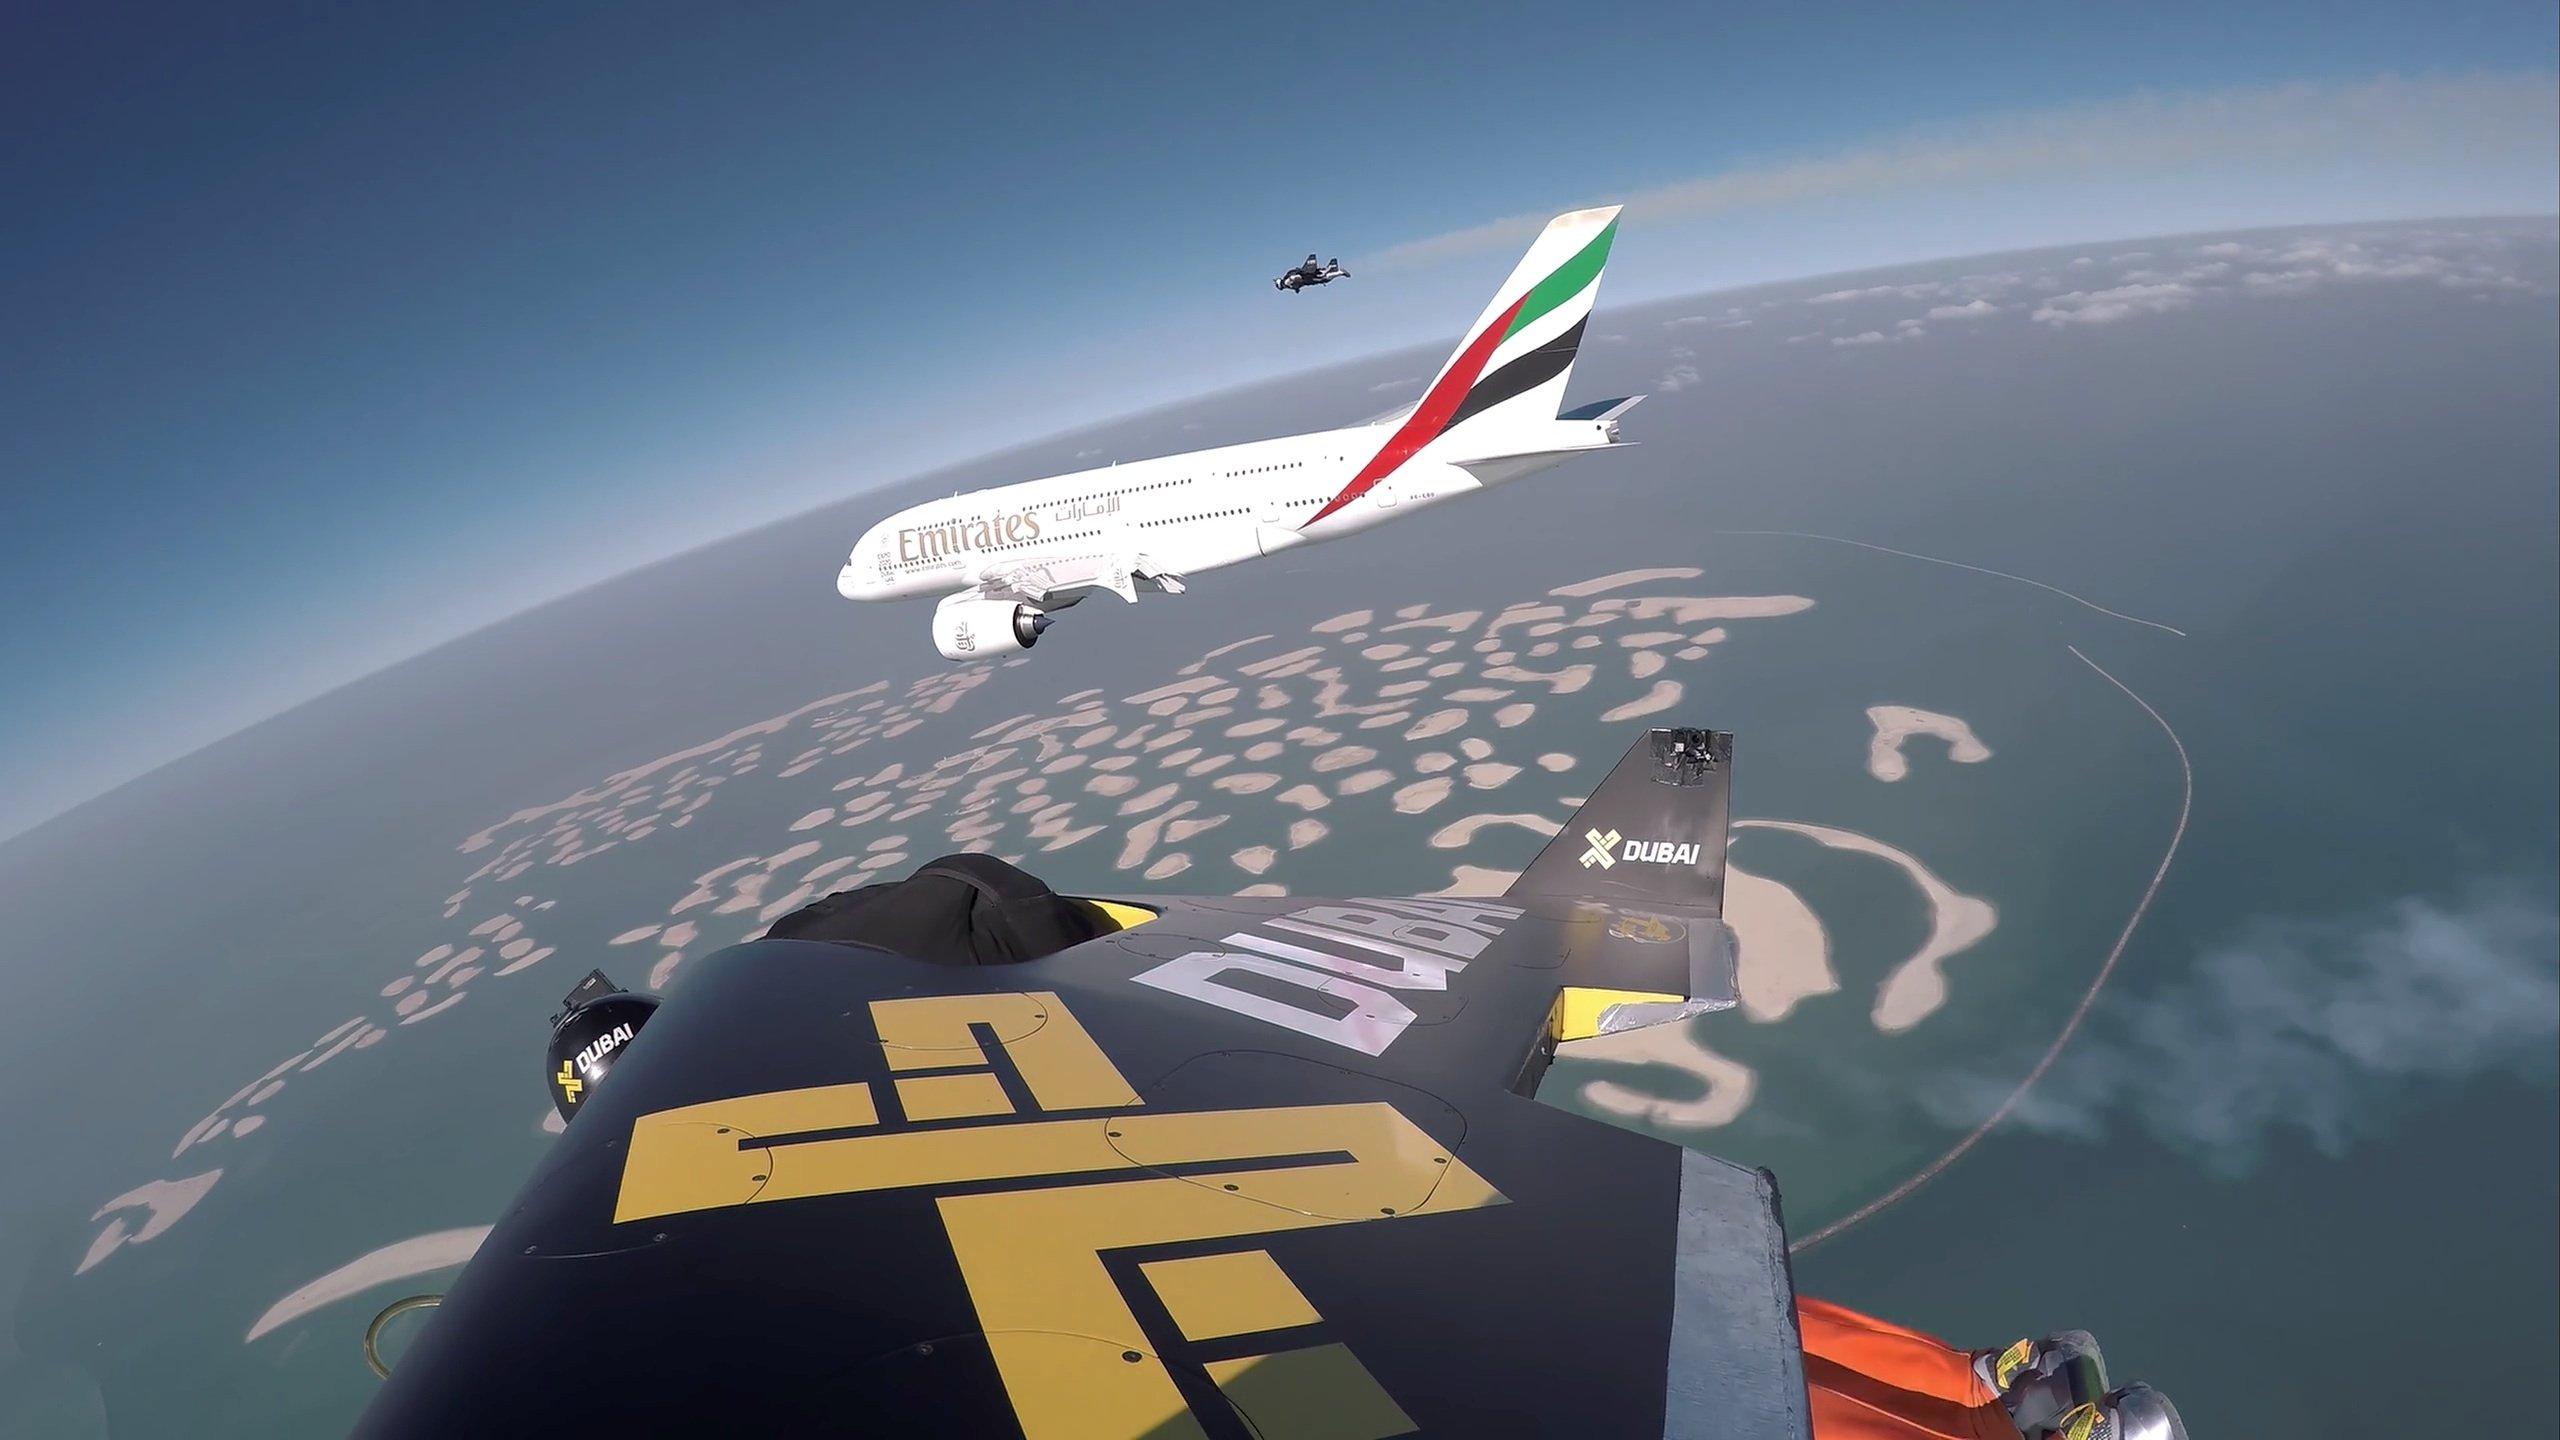 Wie kleine Insekten umschwirrenYves Rossy und Vince Reffet den Riesen-Airbus über derkünstlichen Inselgruppe Palm Jumeirah.